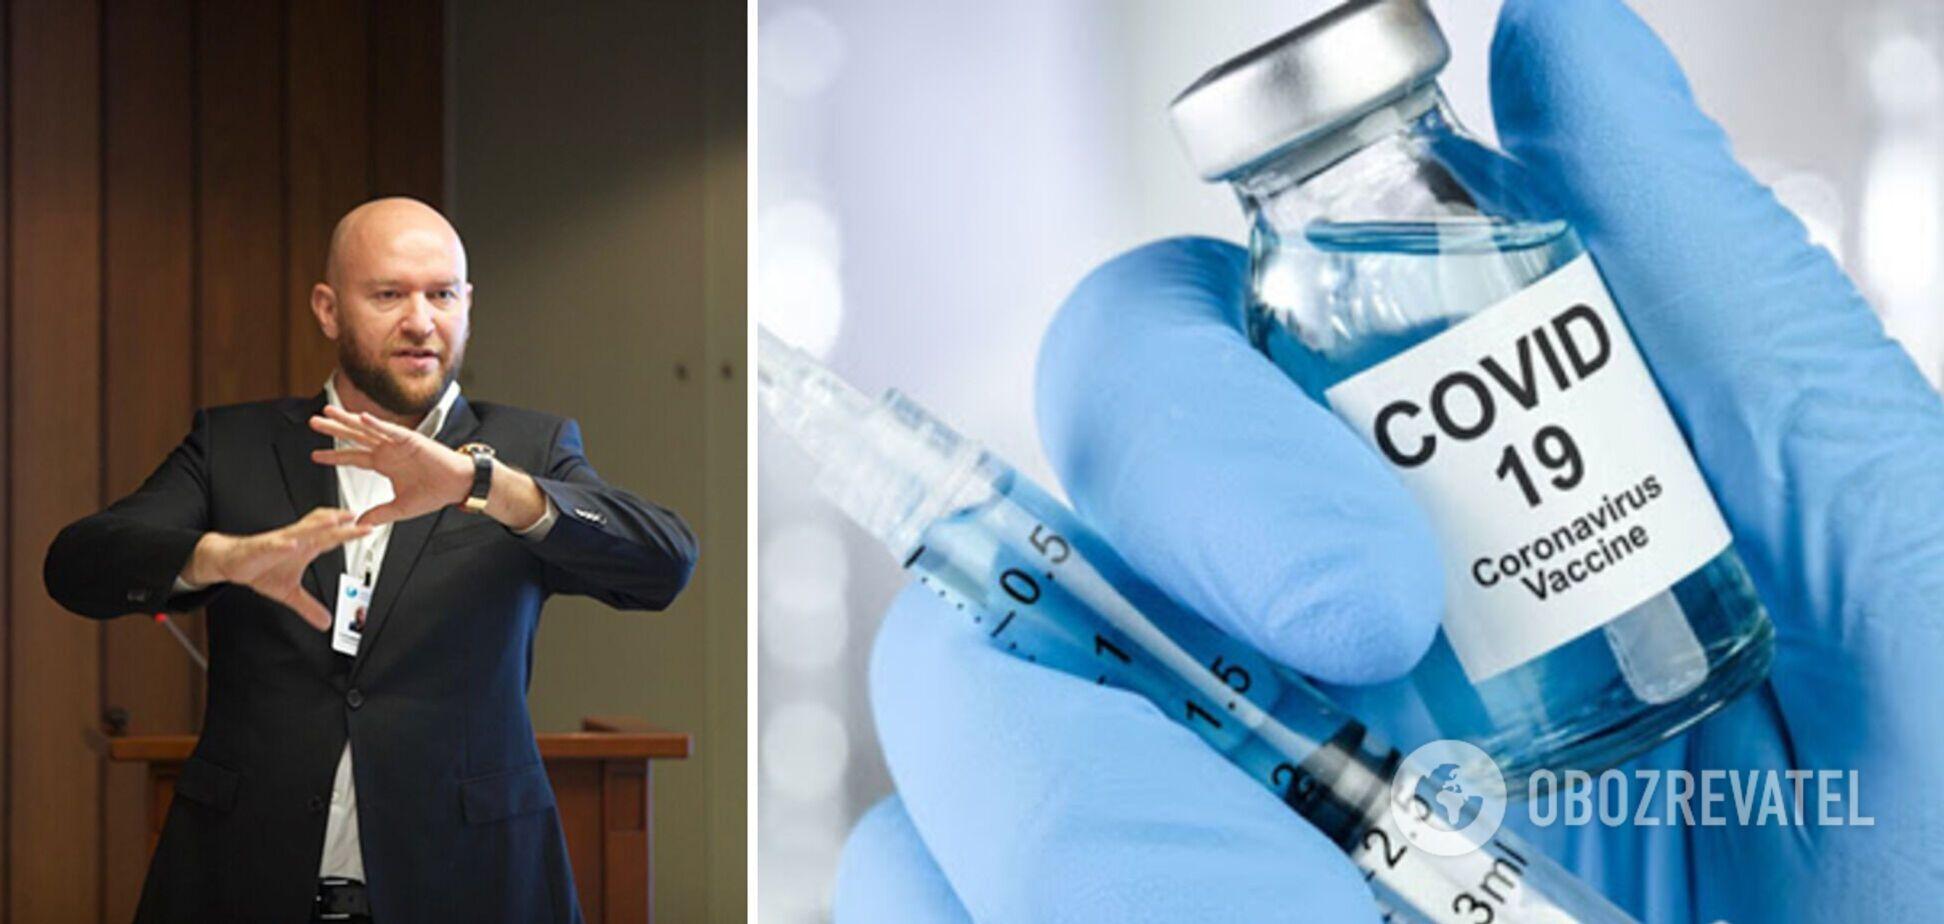 Сенсационное исследование в Израиле подтвердило эффективность вакцины: Гольдман рассказал о результатах